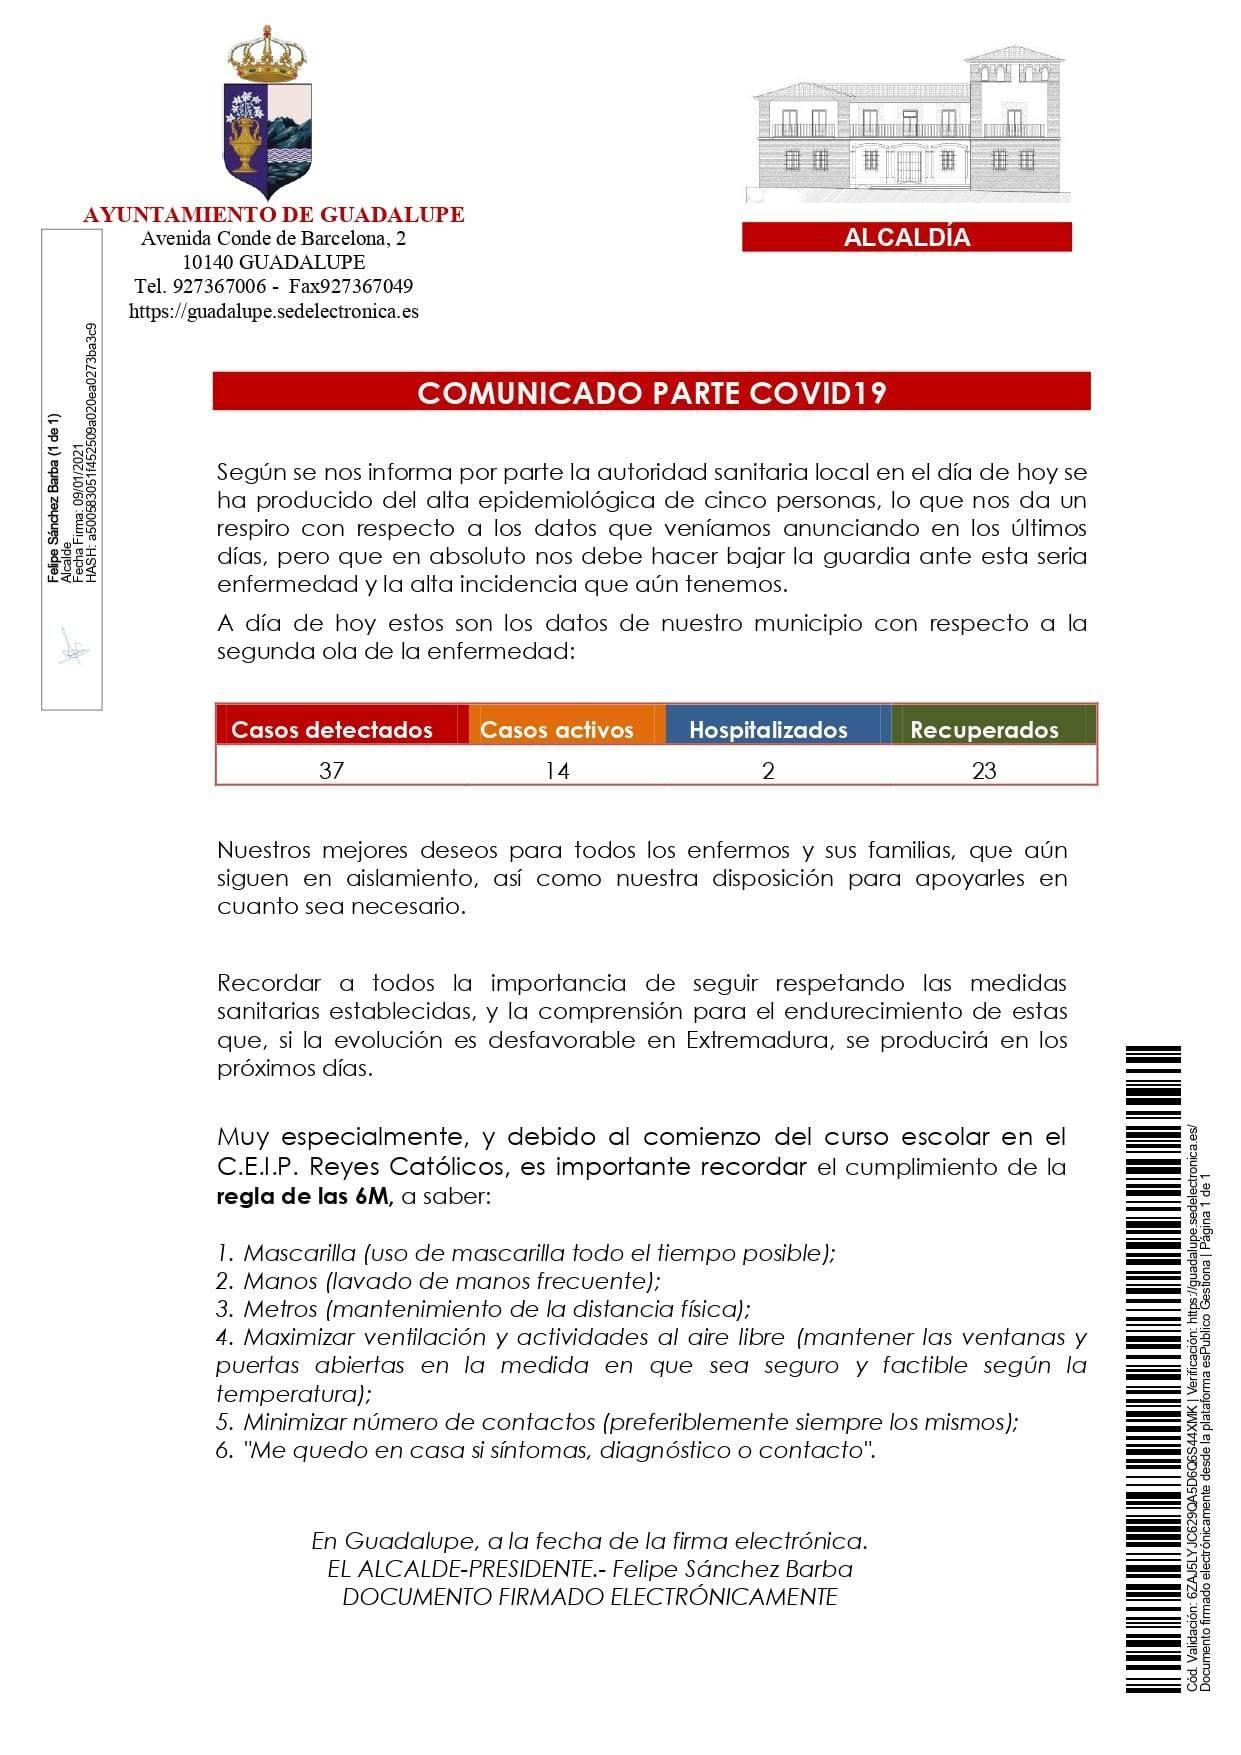 Nuevo hospitalizado y 3 casos positivos de COVID-19 (enero 2021) - Guadalupe (Cáceres) 2